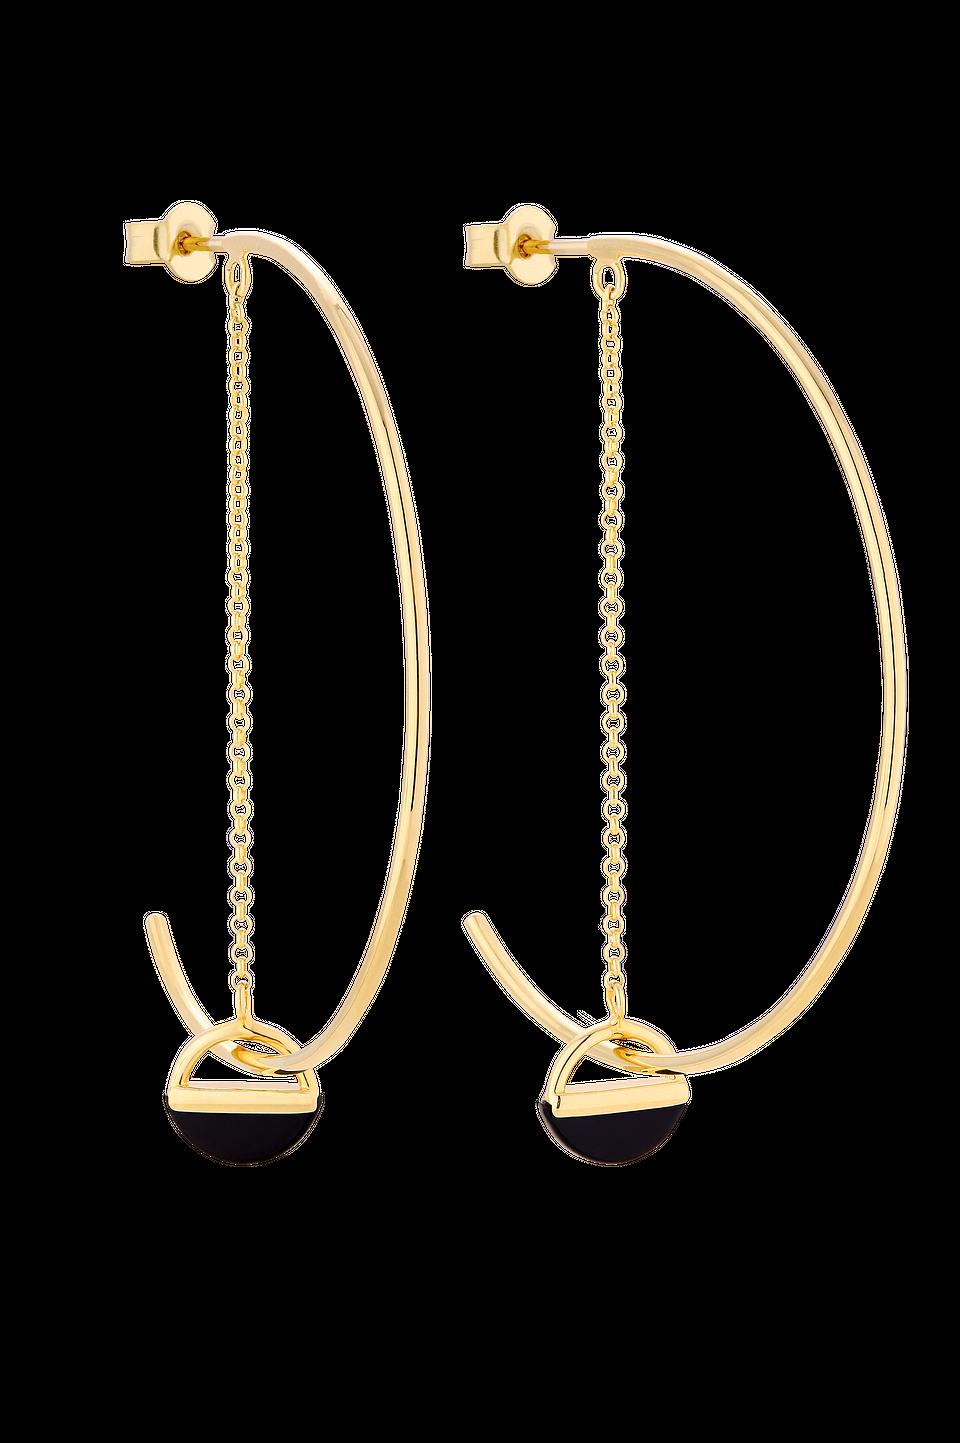 Kolczyki z łańcuszkiem i czarnym kamieniem ozdobnym, 350 zł